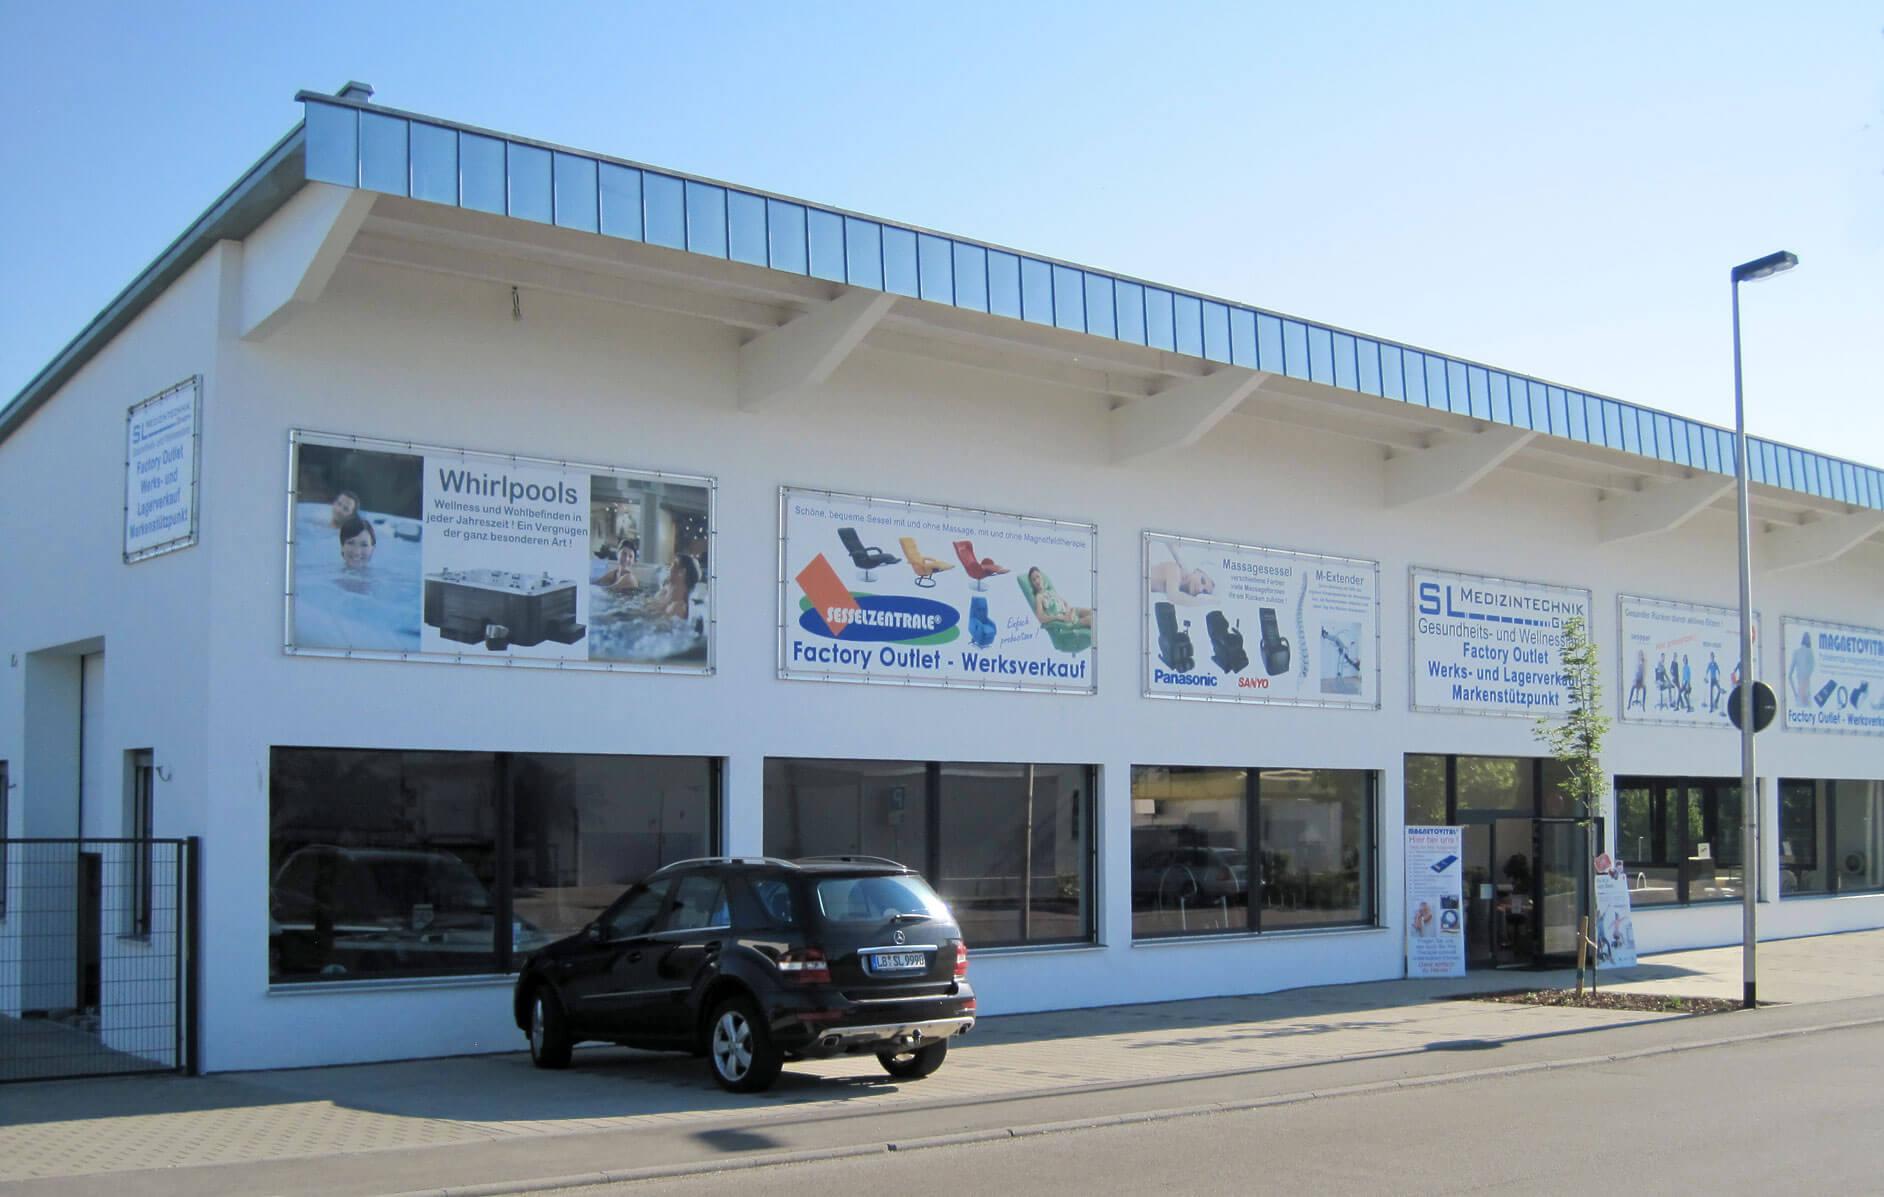 SL-Medizintechnik Gebäude in Murr